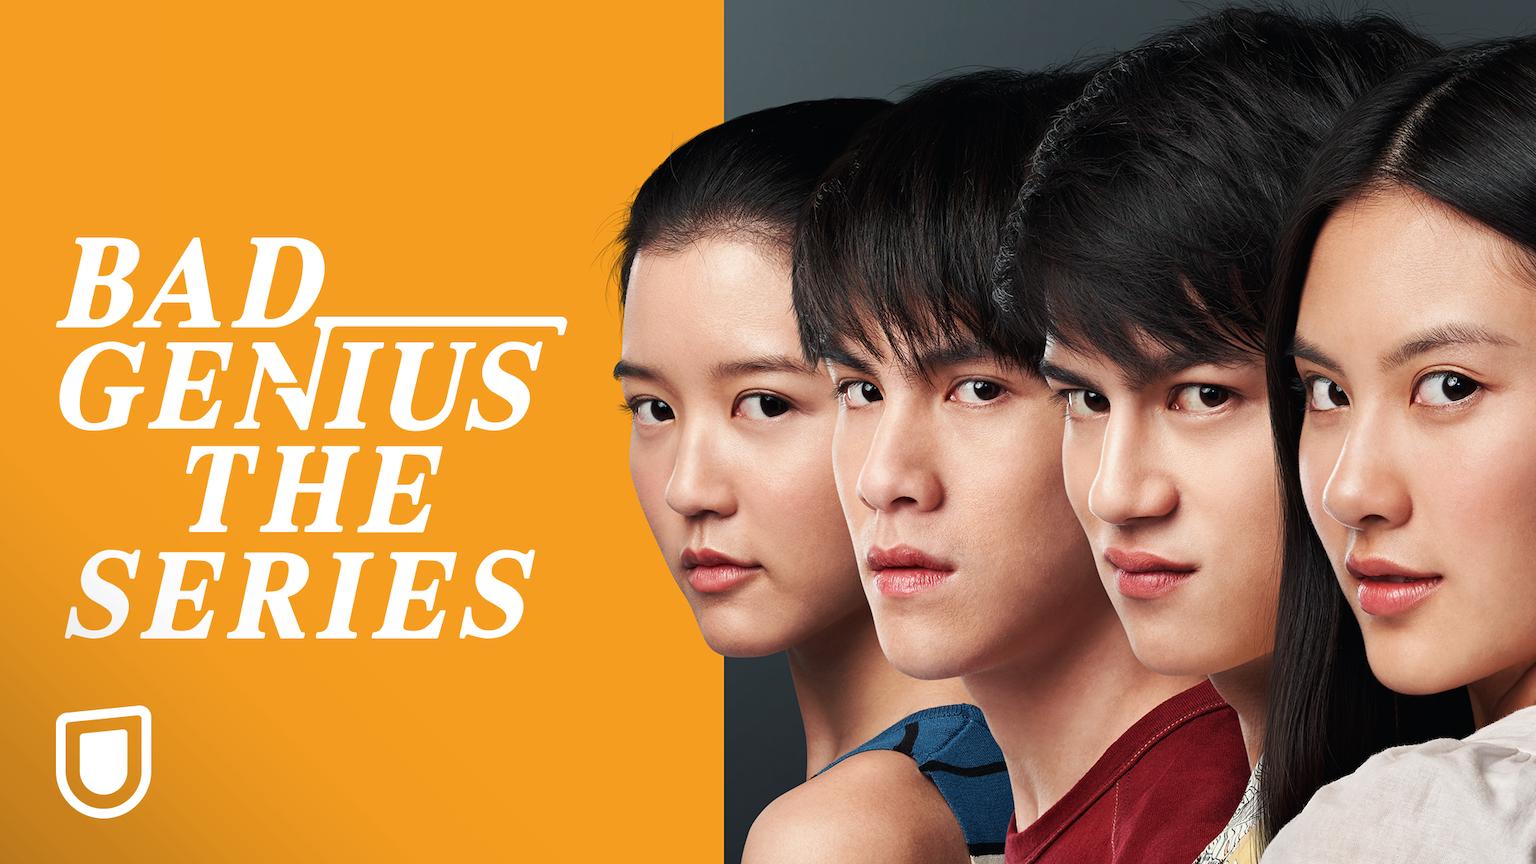 『Bad Genius The Series』 (c)2020 GDH 559 Co., Ltd